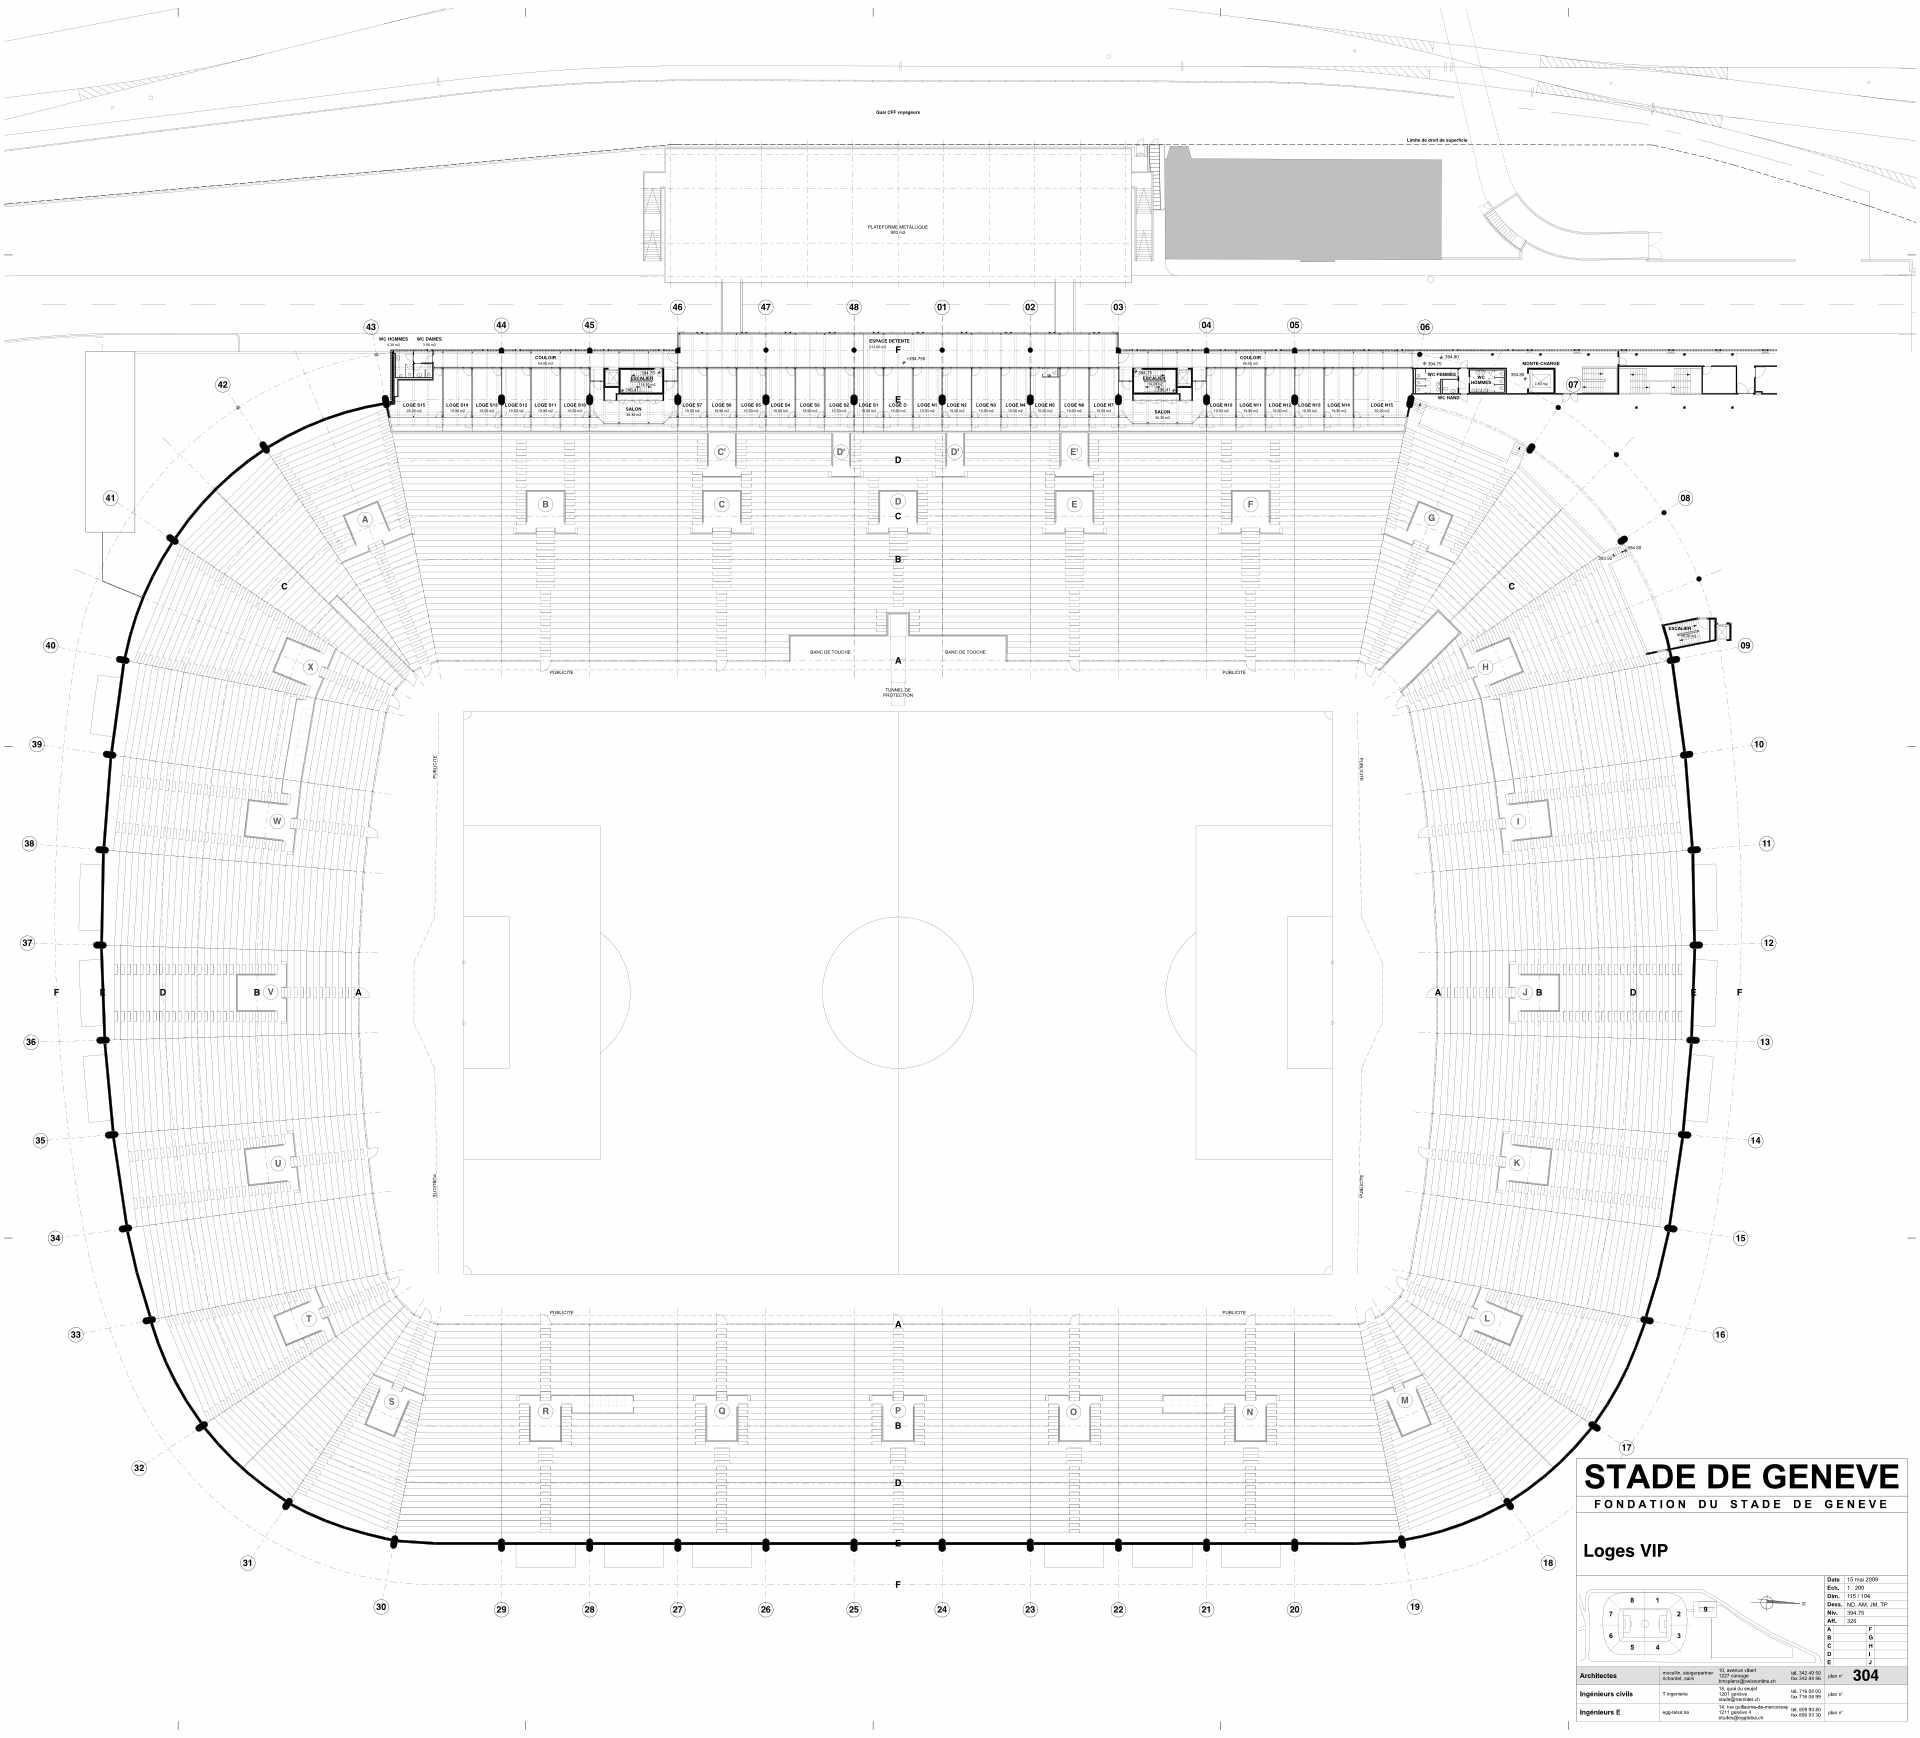 plan_stade_loges_vip